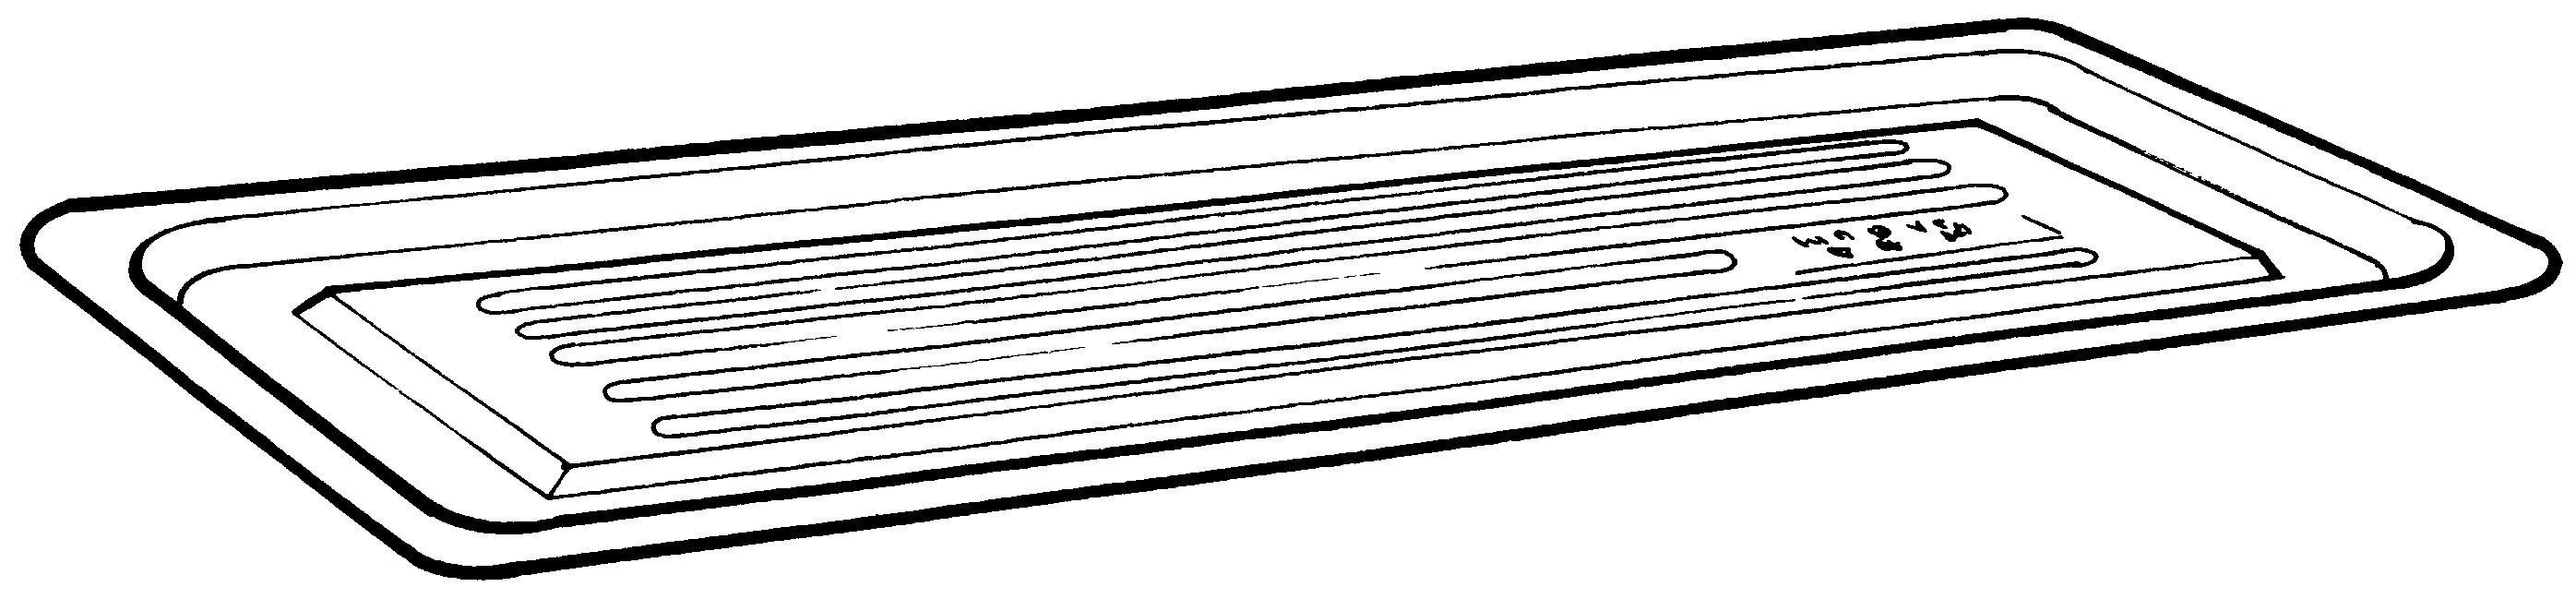 75/1 Tento výrobek se standardně nevyrábí